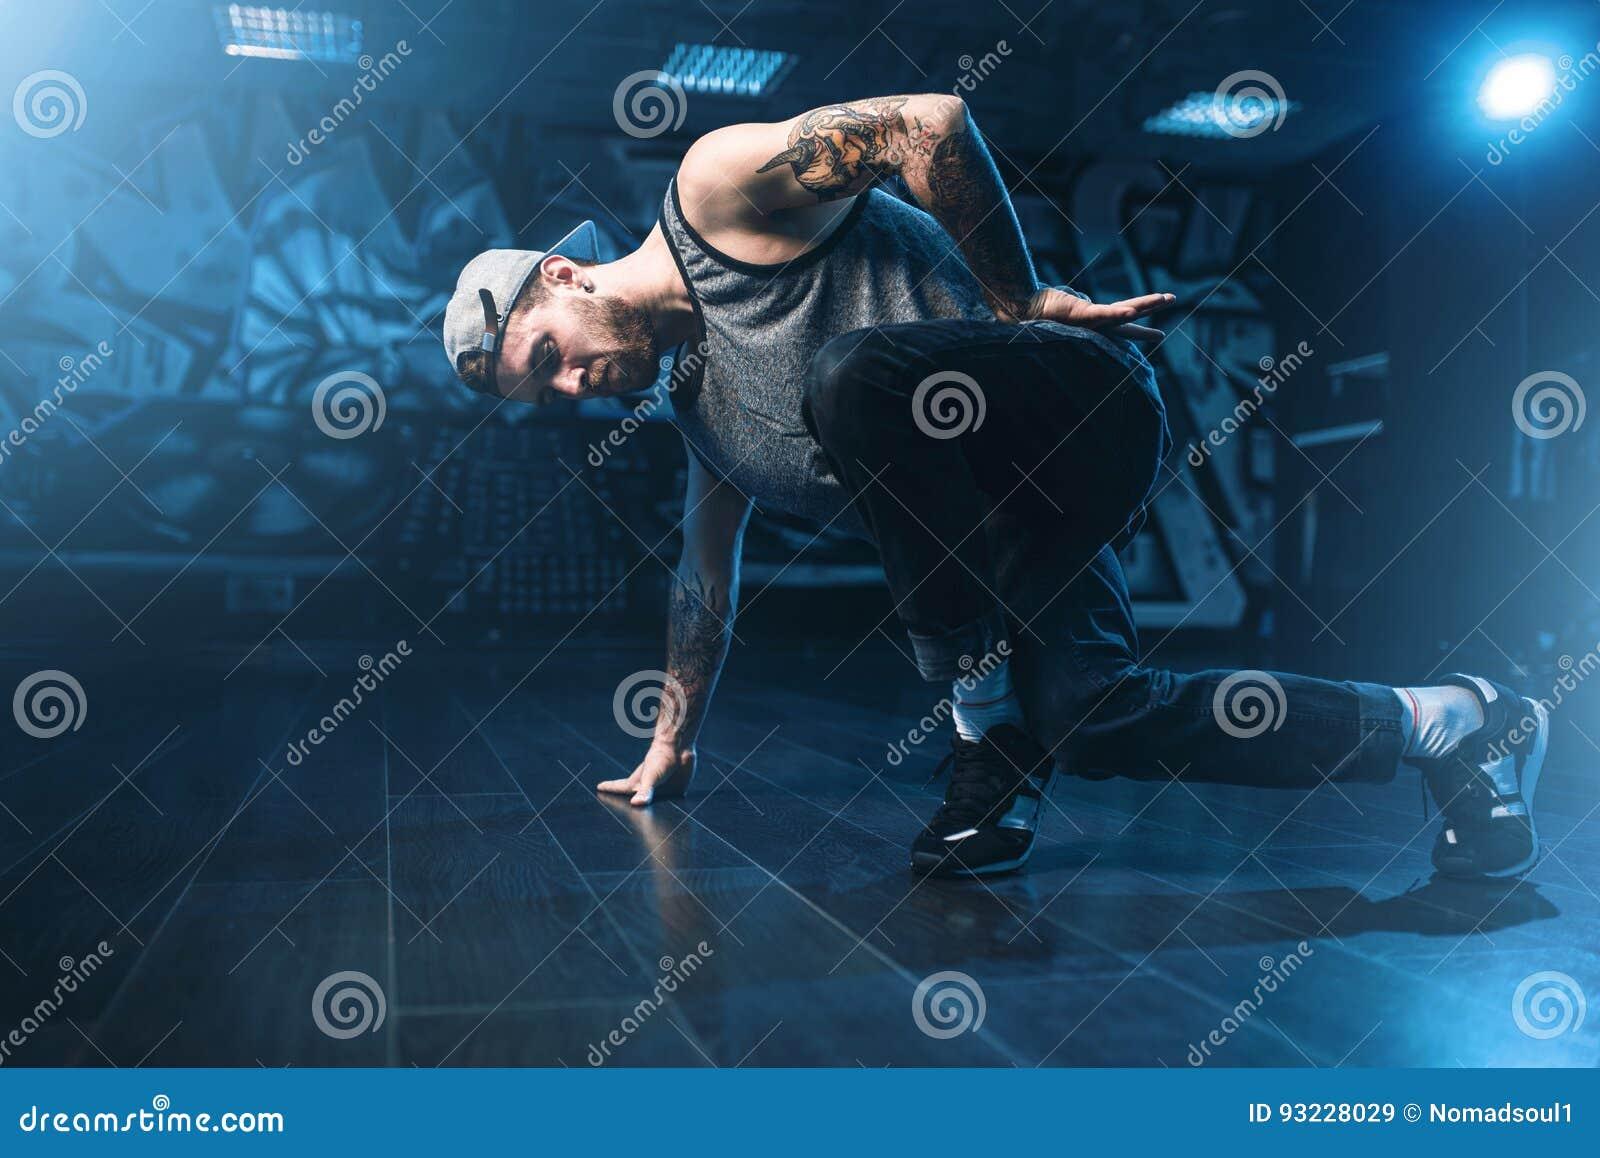 Breakdance-Bewegungen, Ausführender im Tanzstudio